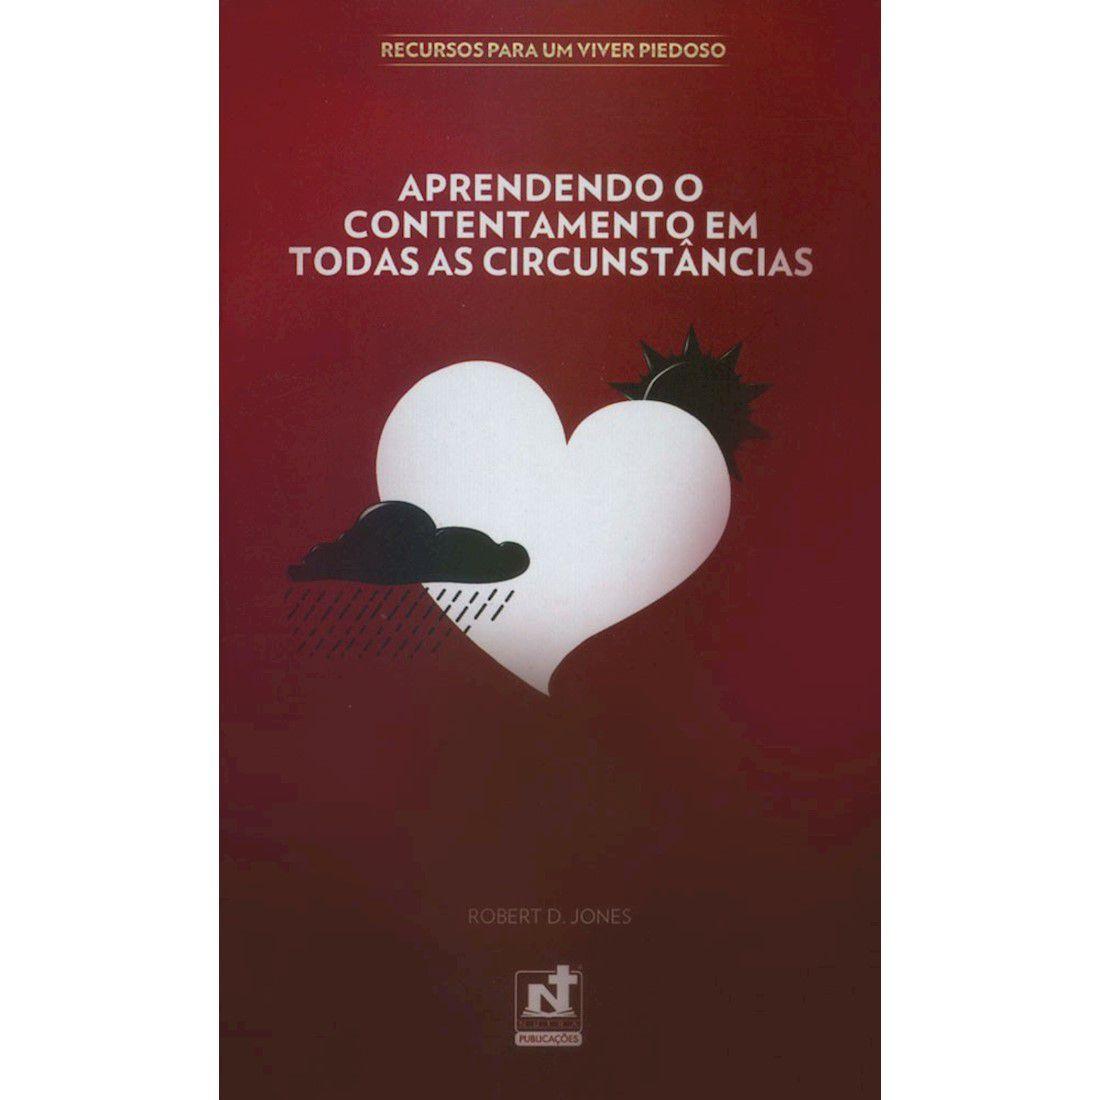 Livreto Aprendendo o Contentamento em Todas as Circunstâncias | Série Recursos Para Um Viver Piedoso